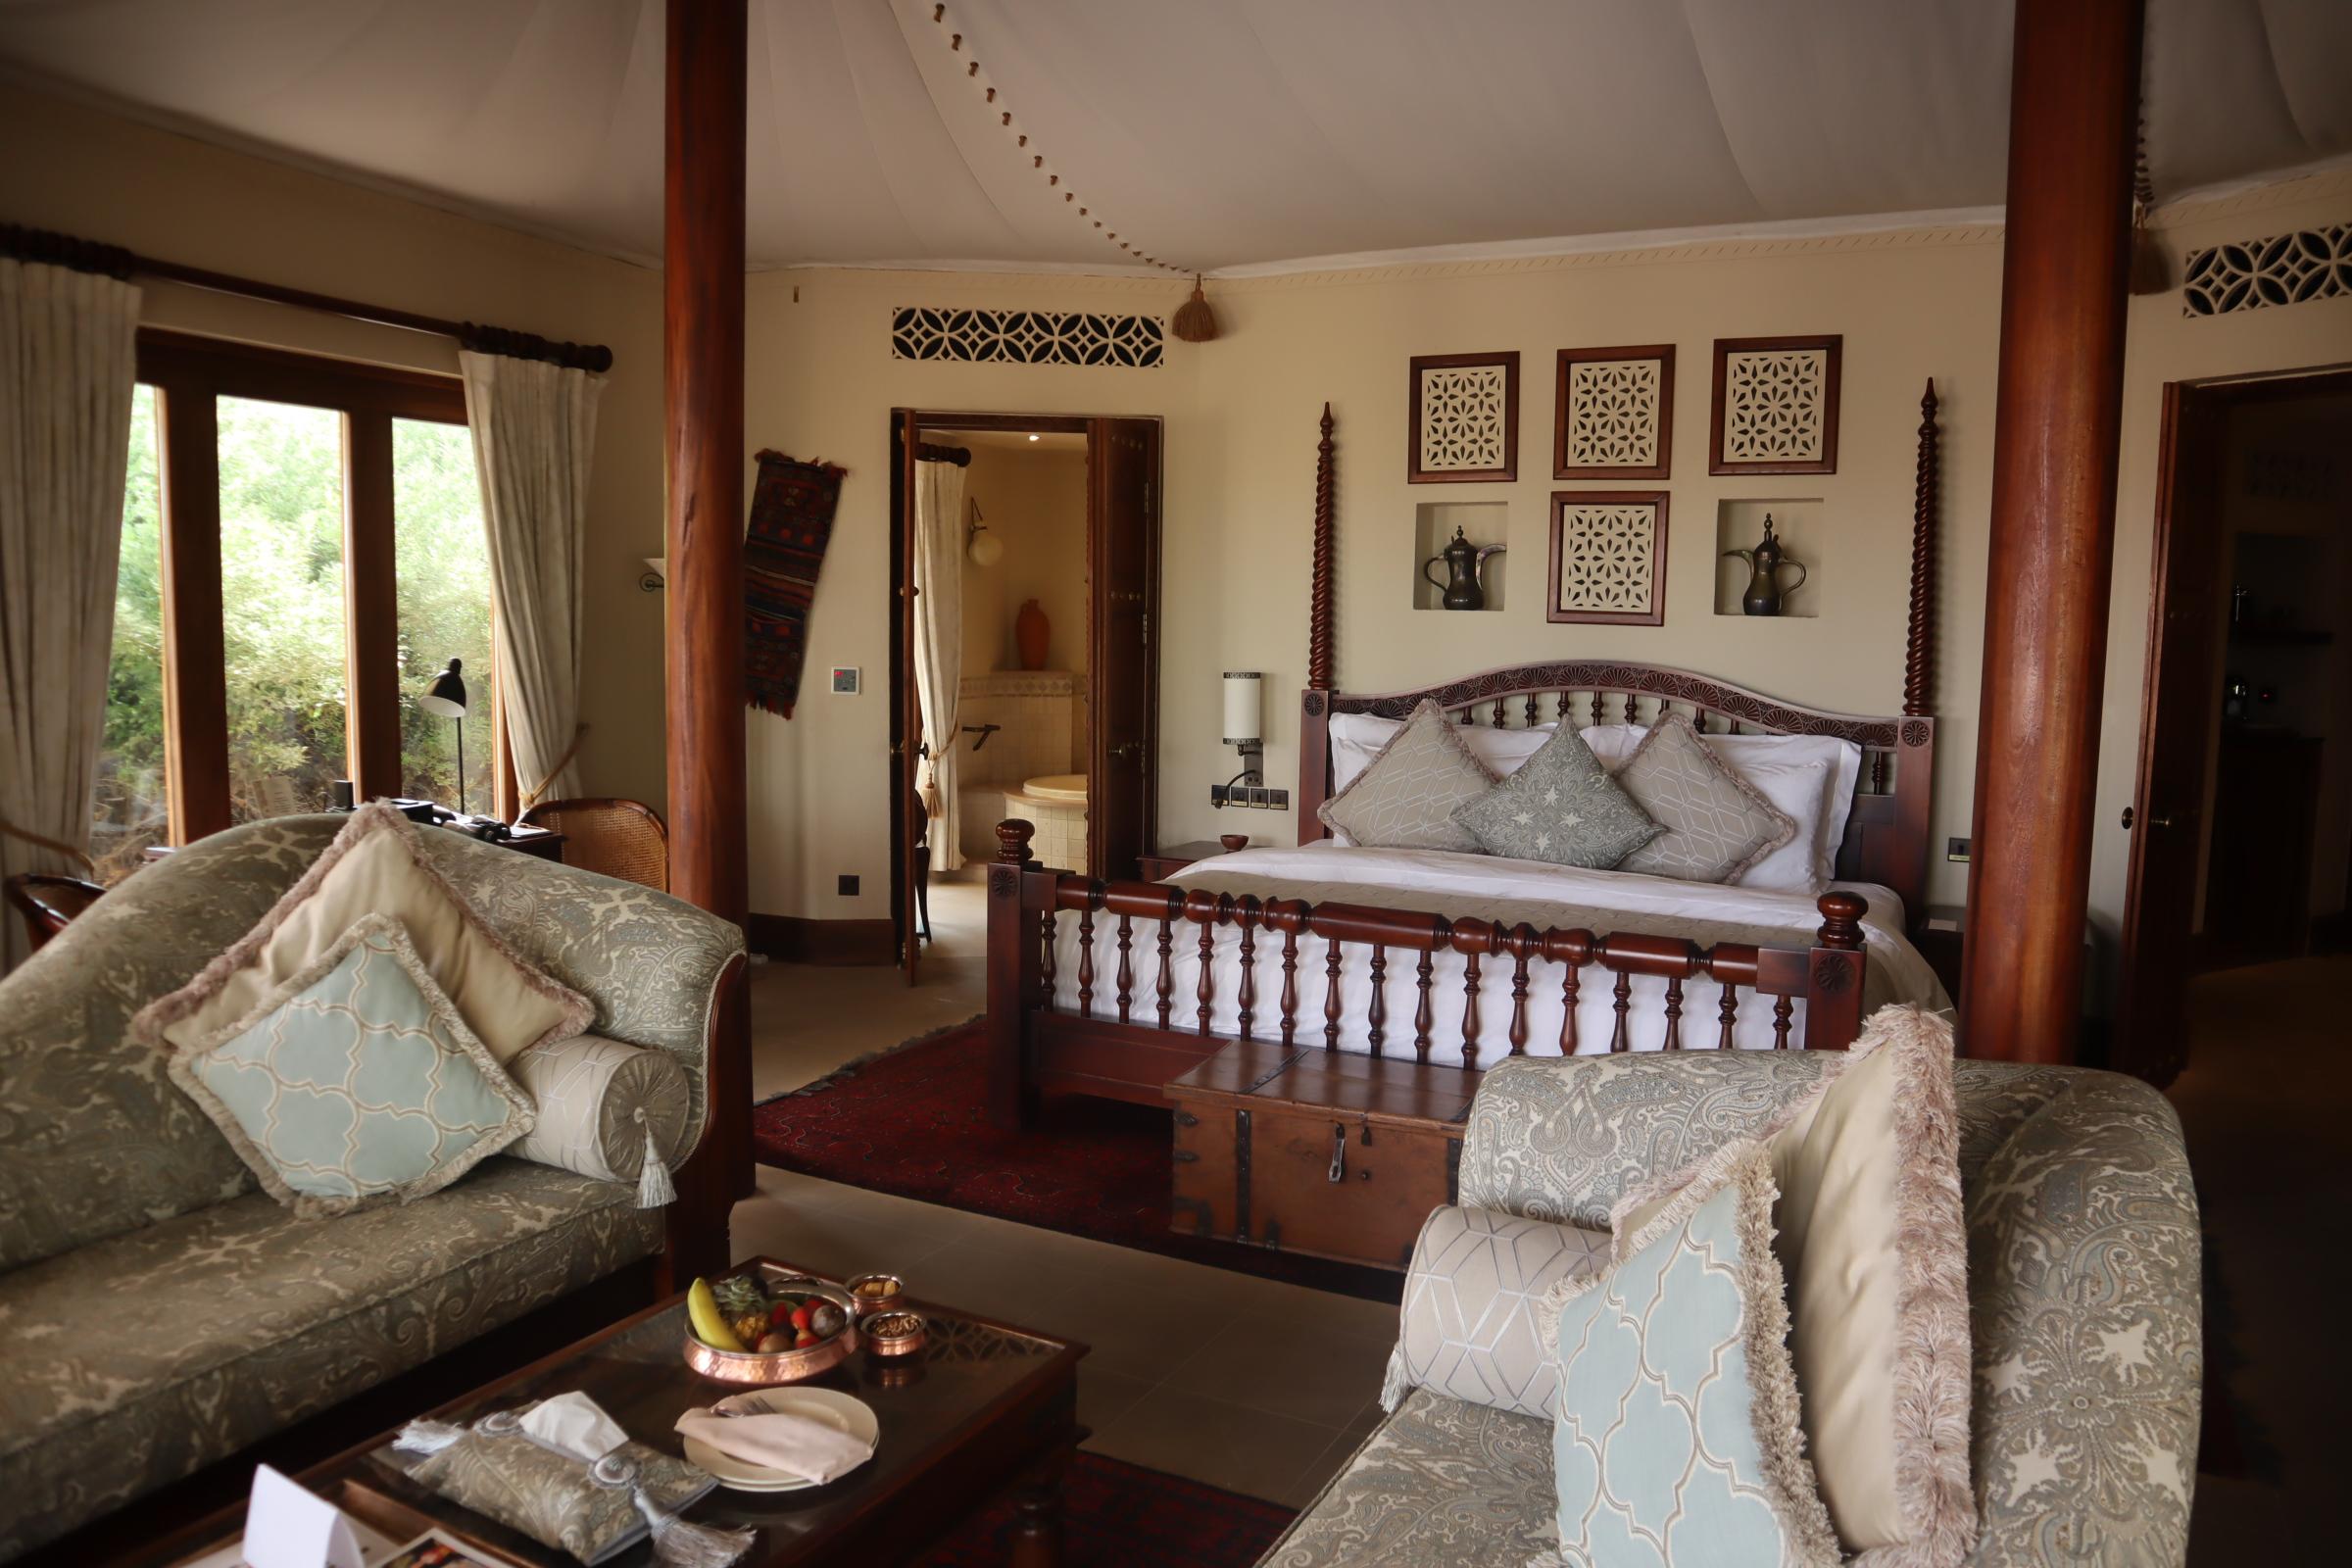 Bedouin Suite, Al Maha Desert Resort